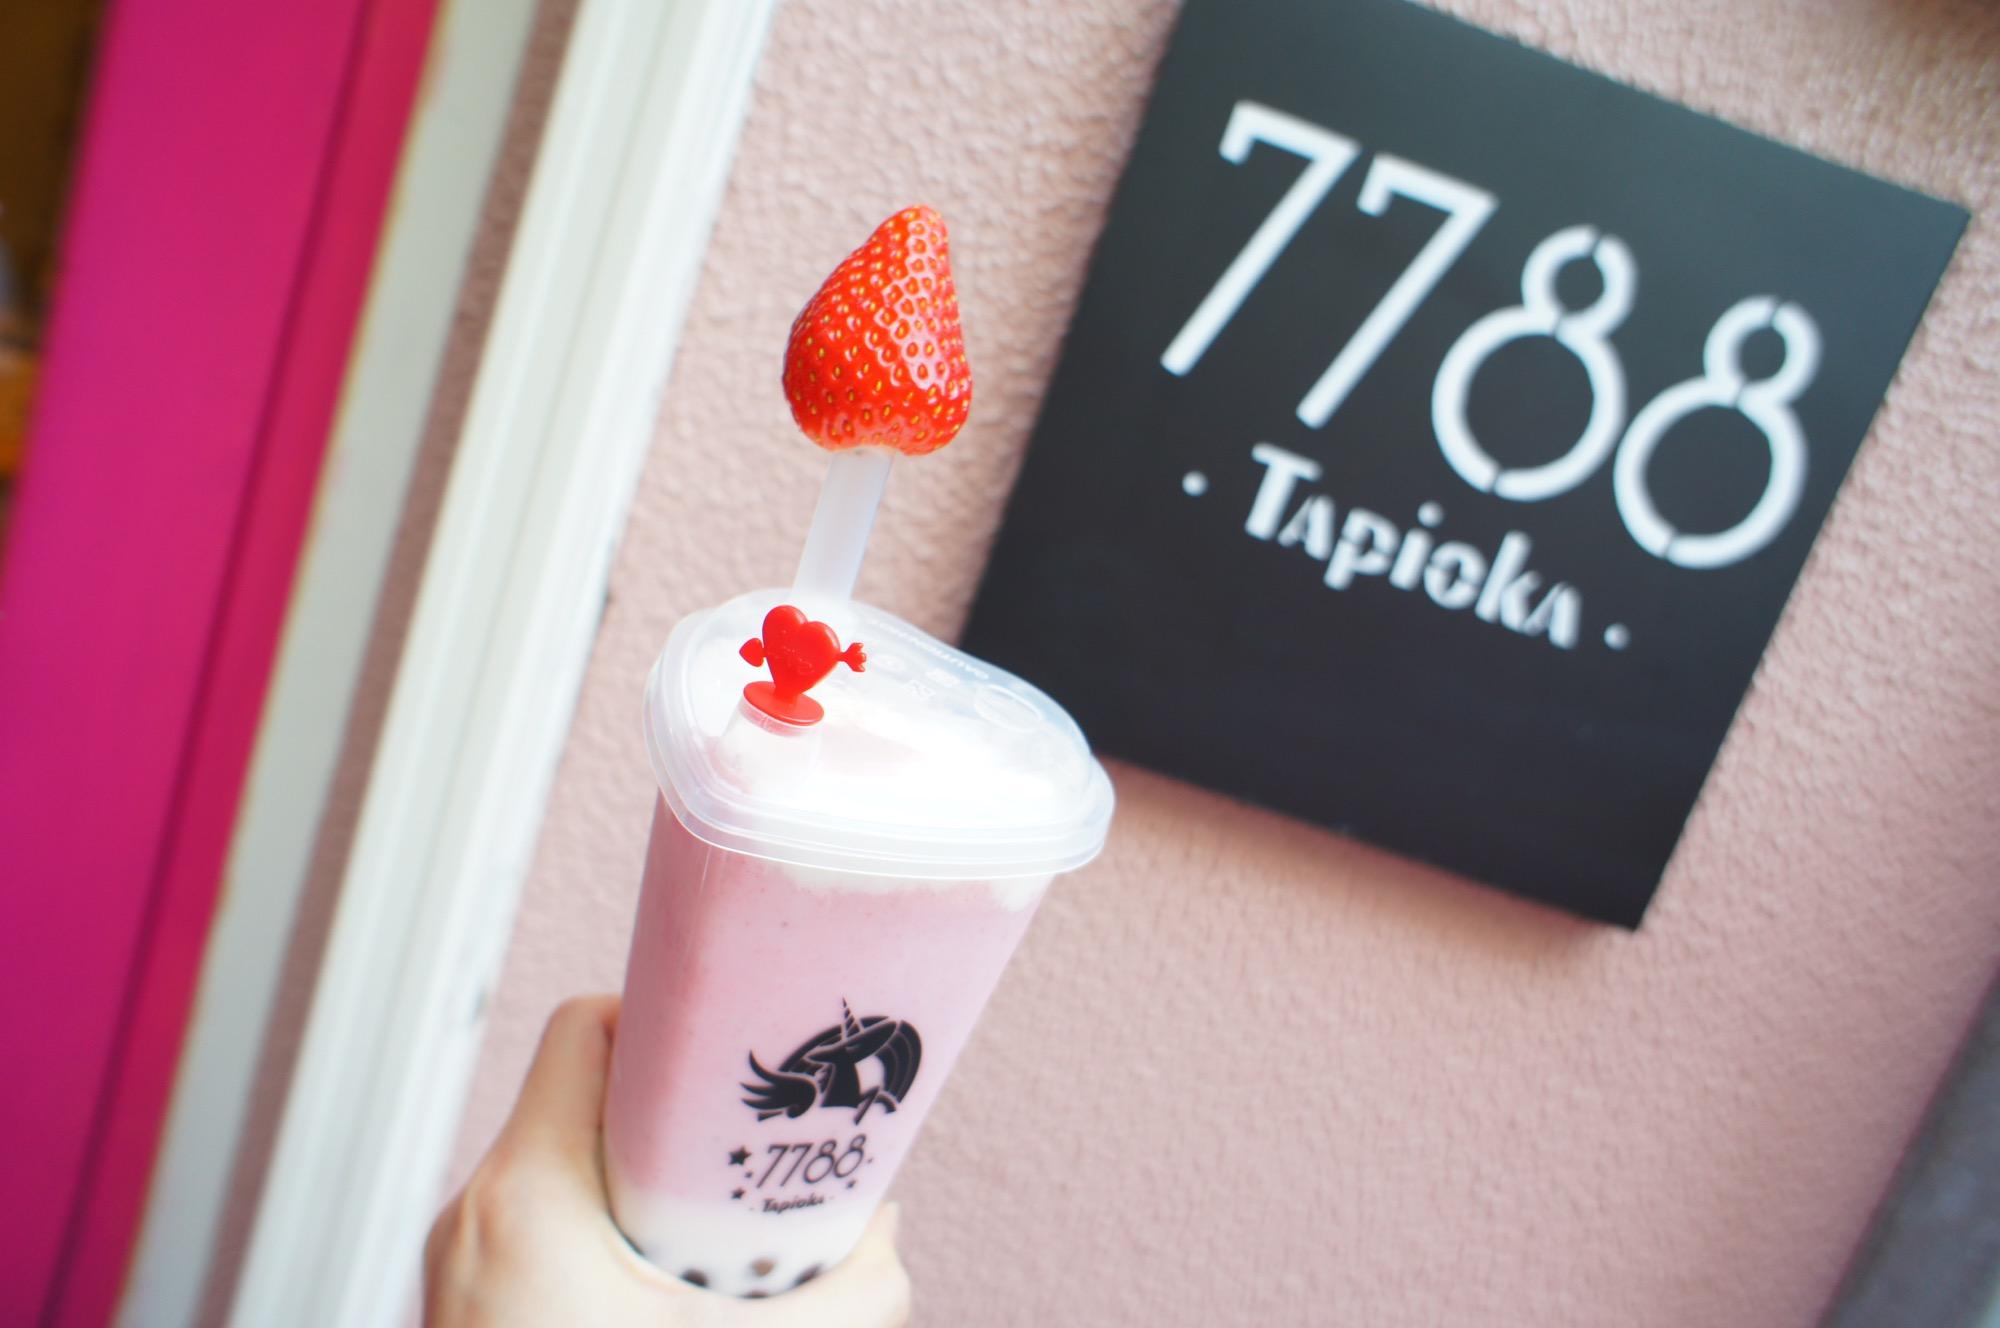 東京で人気のタピオカ店特集 - ゴンチャ、ジアレイ、春水堂など人気店や注目の新店も!_38